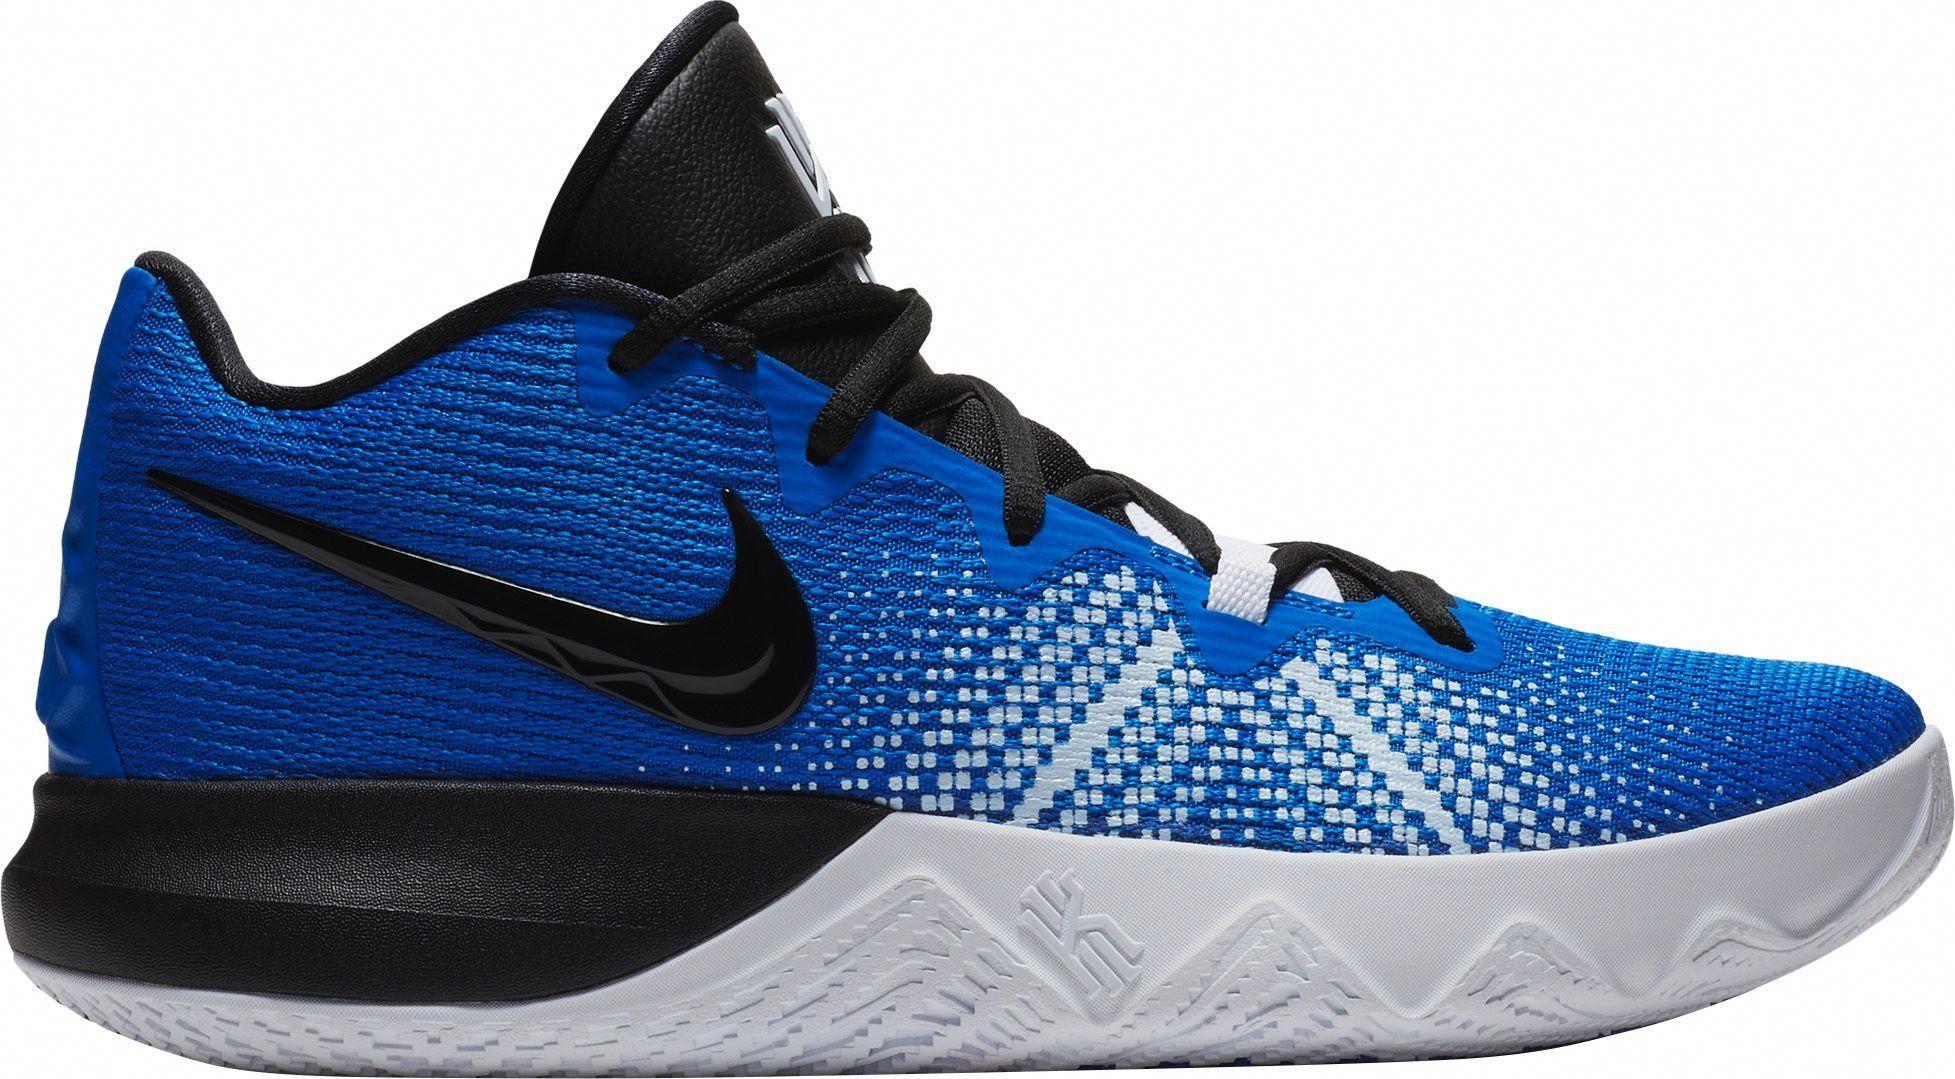 Nike hombres Kyrie Flytrap Basketball Zapatos Zapatos azul bestbasketball Zapatos Zapatos ec0fe0